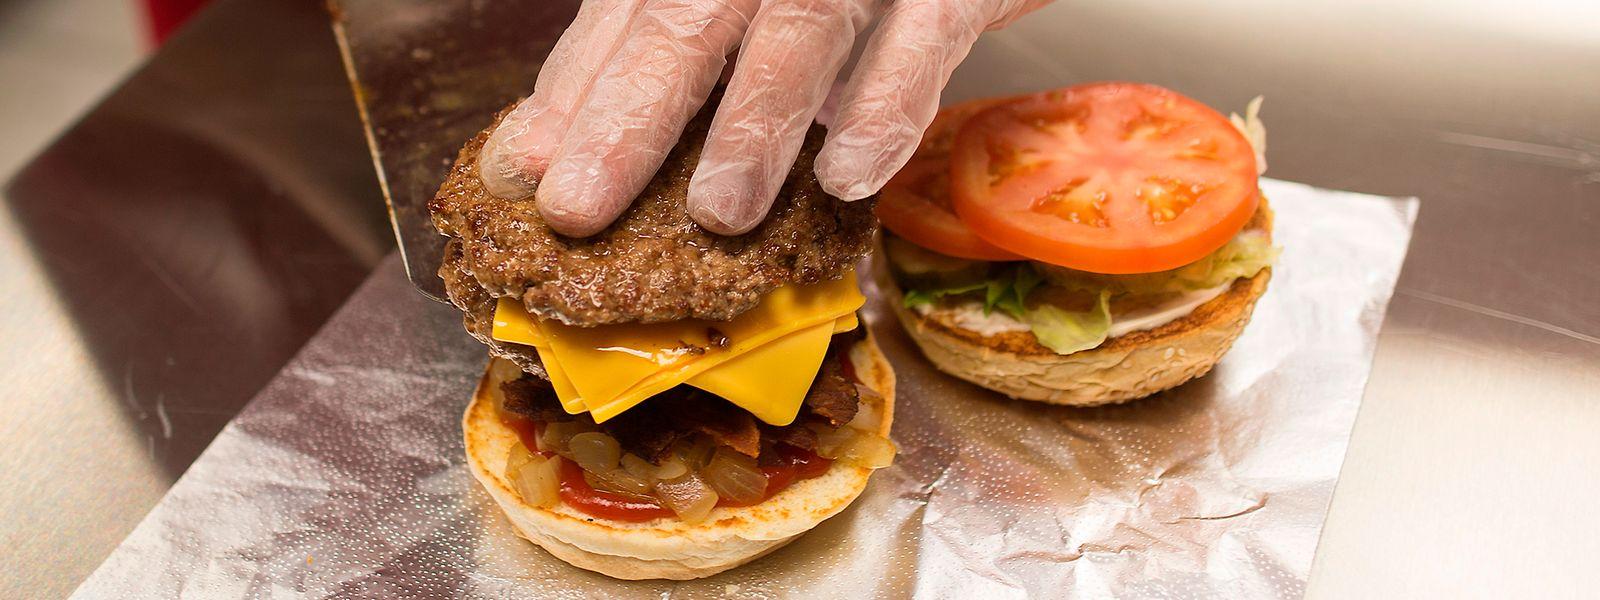 Gesunde Zwischenmahlzeit oder ungesunder Snack? Entscheidend ist, wie das Essen zusammengesetzt und verarbeitet ist.